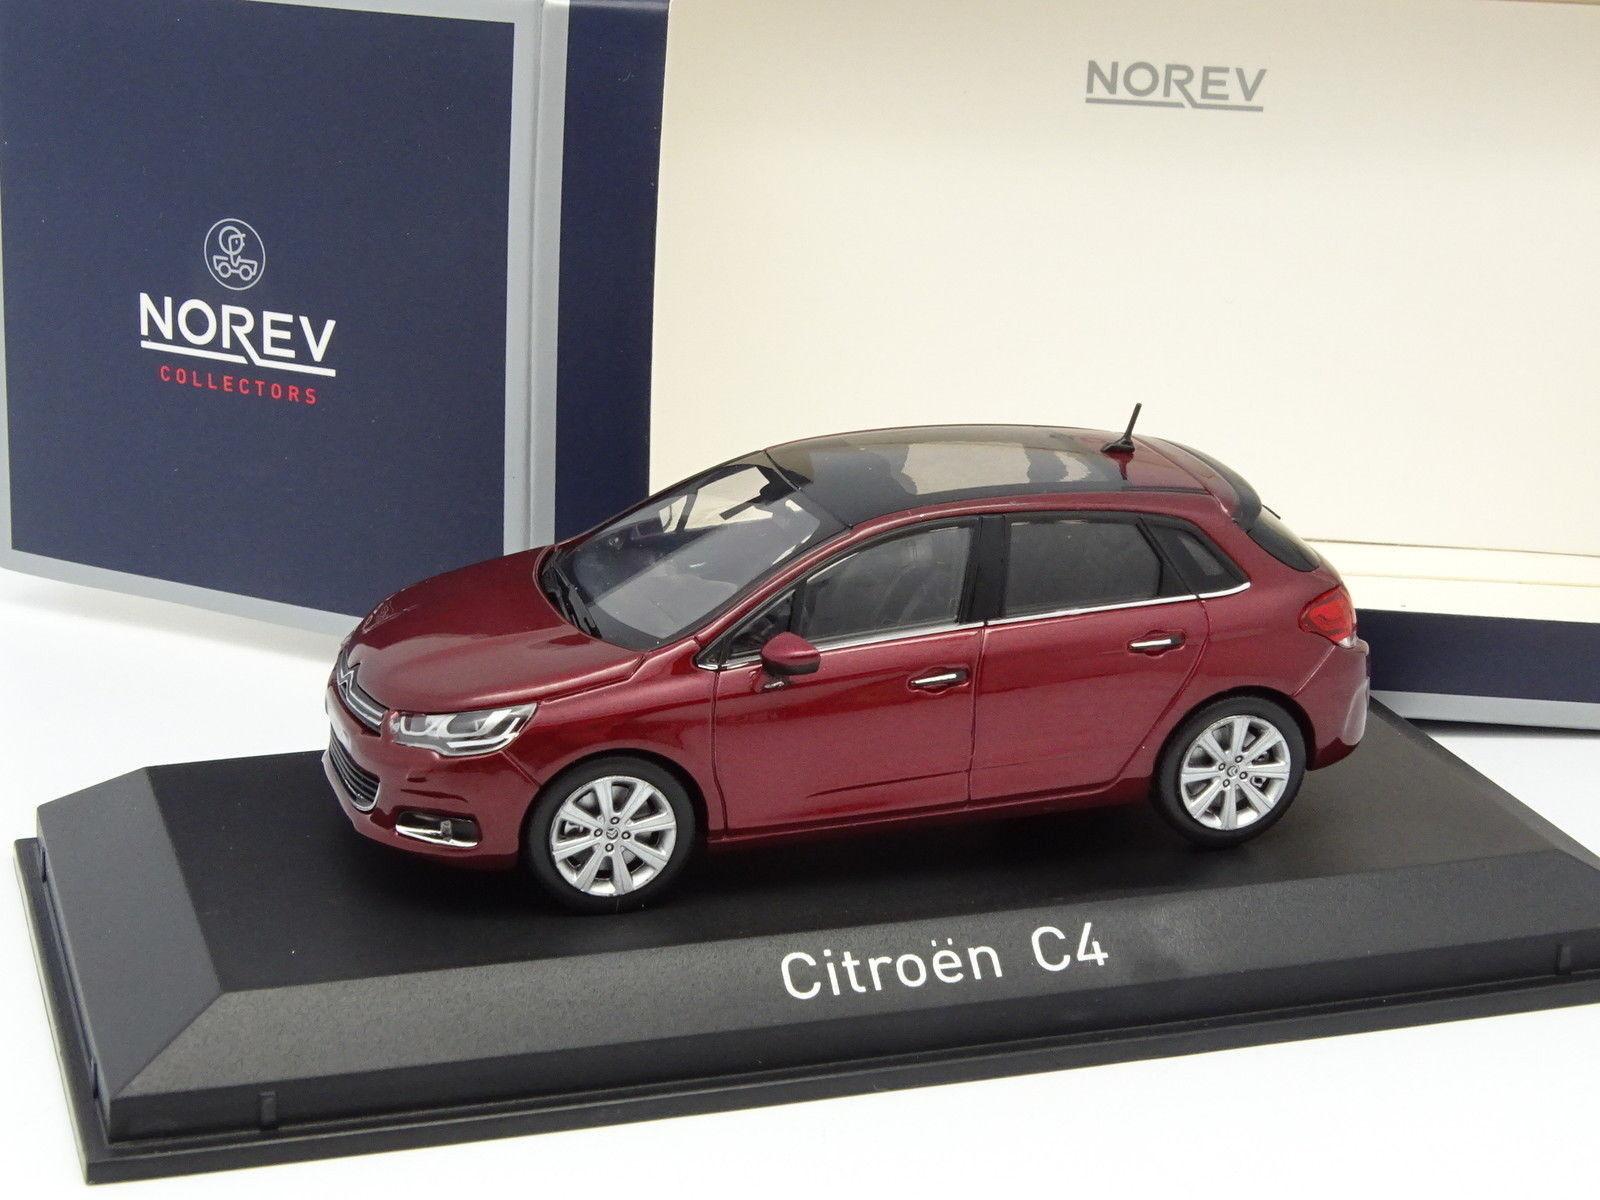 Norev 1 43 - Citroen C4 C4 C4 2015 red 738778